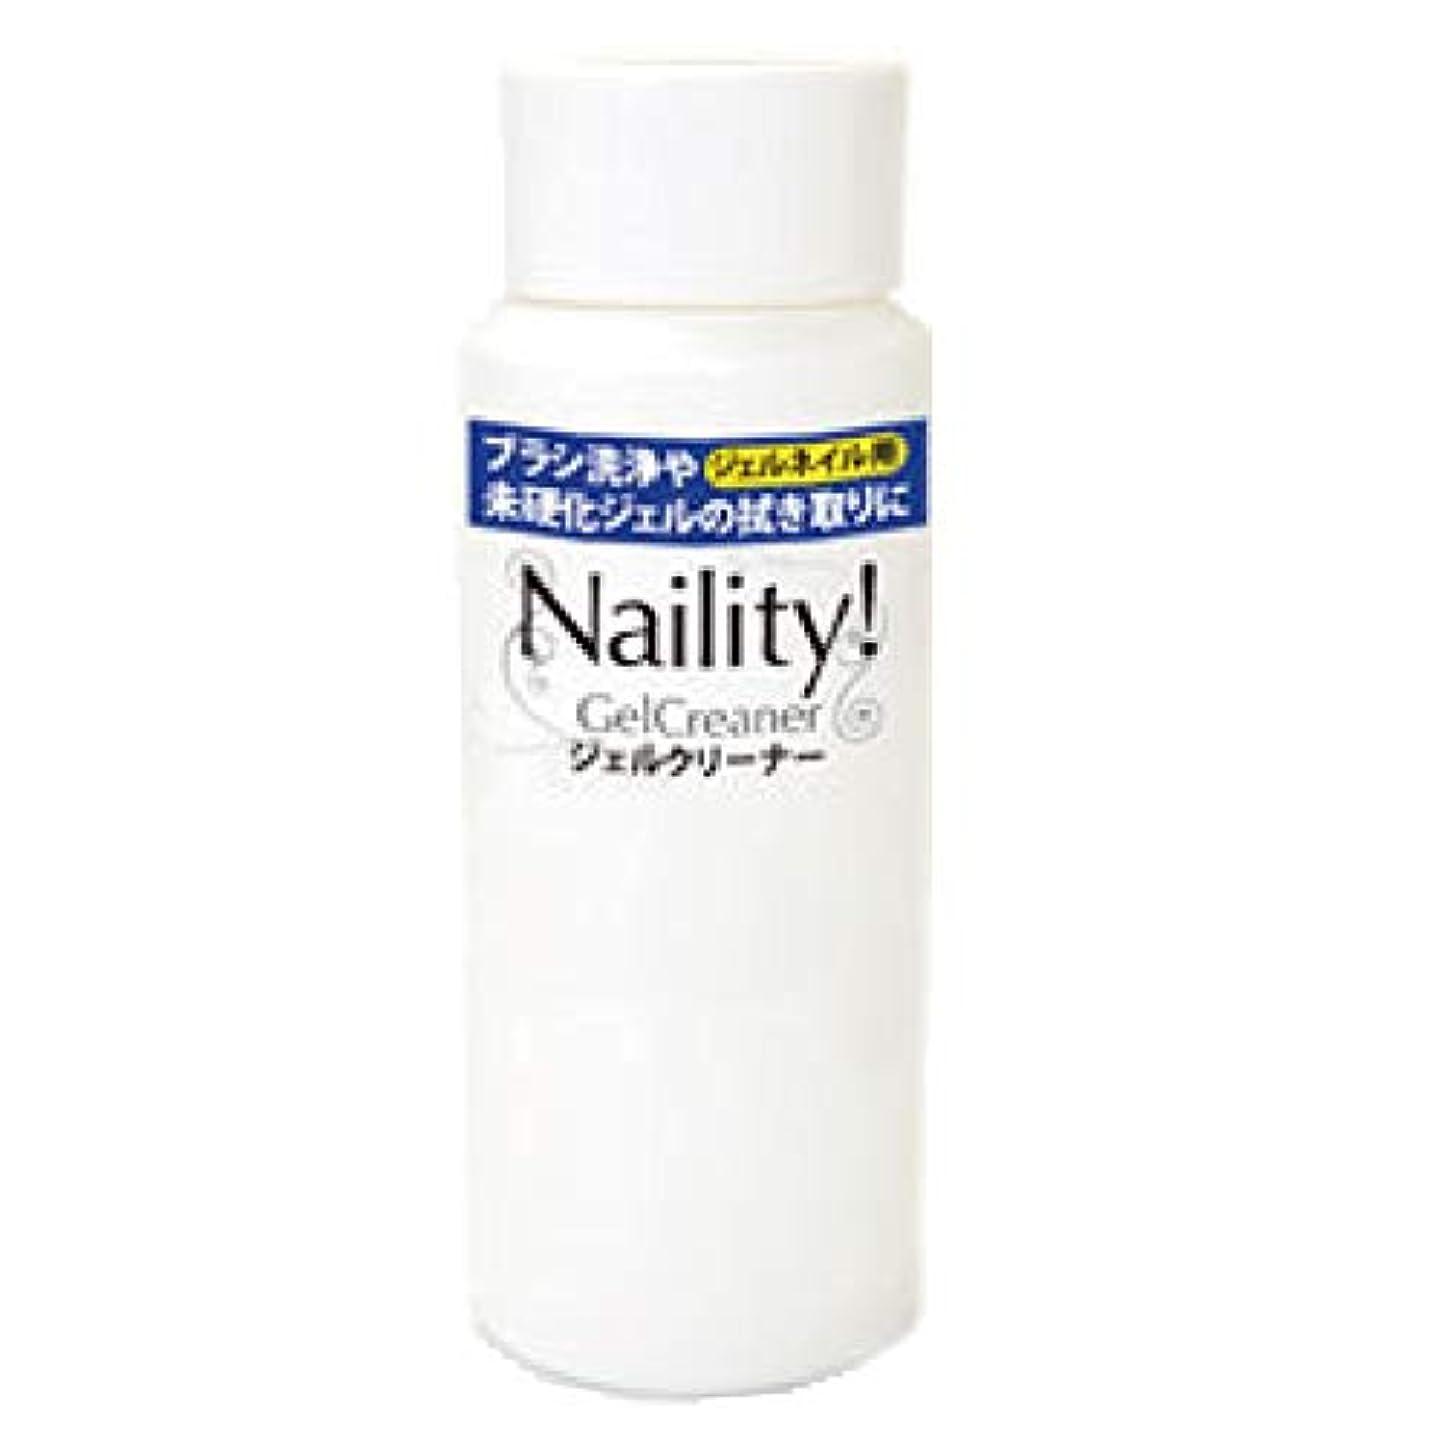 食品いちゃつく撤退Naility! ジェルクリーナー 120mL